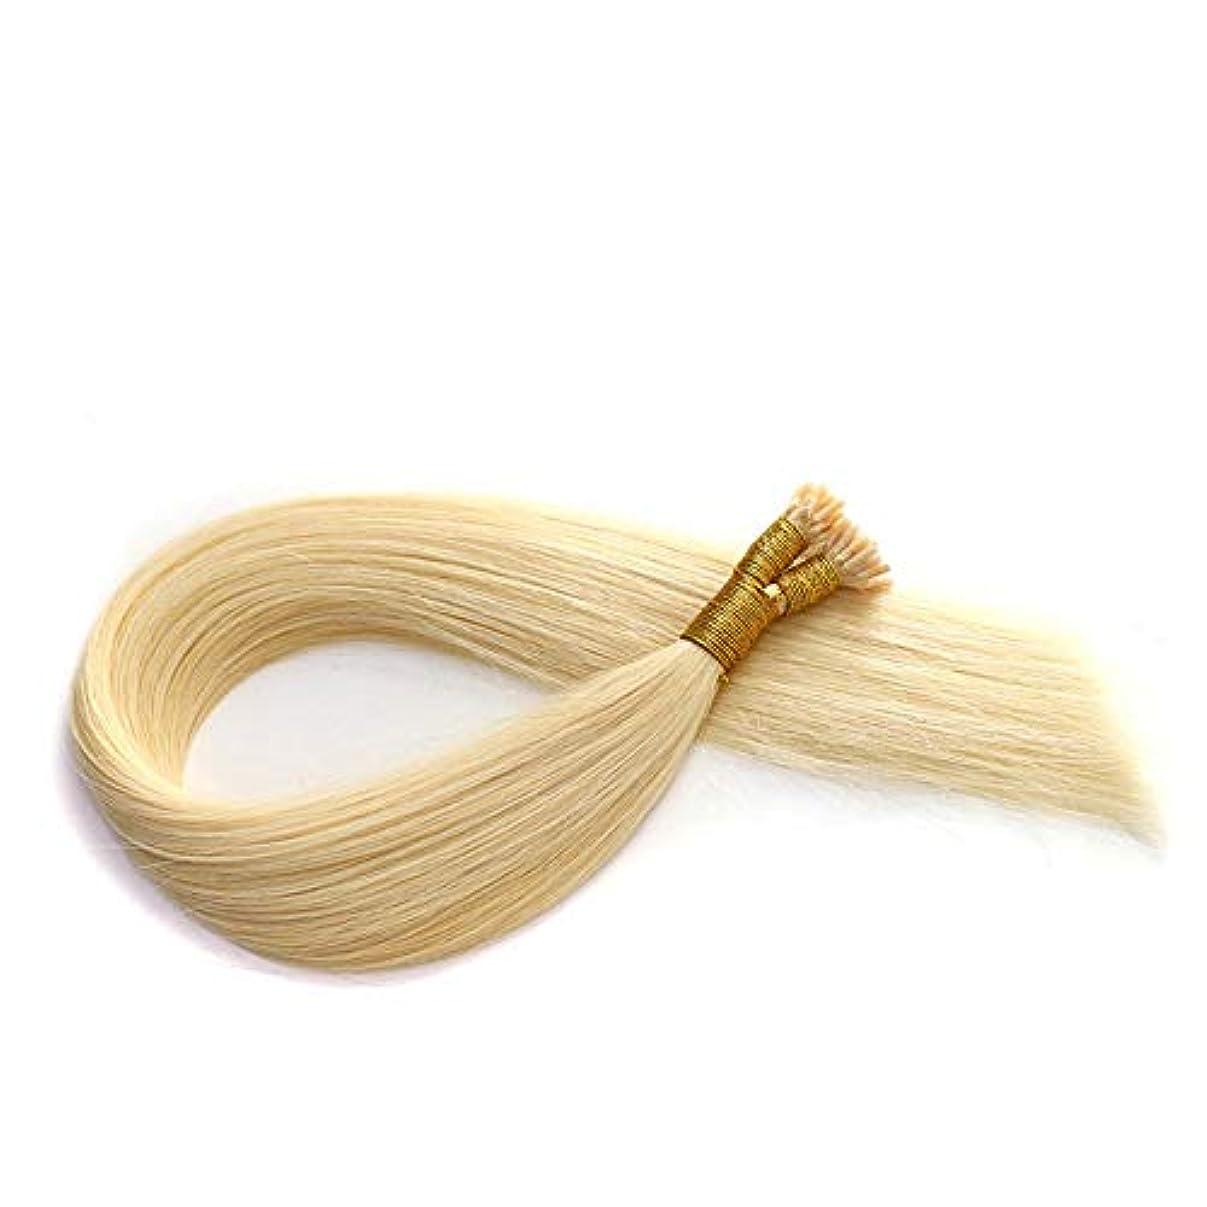 受け入れガジュマル答えWASAIO ヘアエクステンションクリップのシームレスな髪型ブロンドナノリングリテラル太い人間レミーすべての長さの光 (色 : Blonde, サイズ : 12 inch)